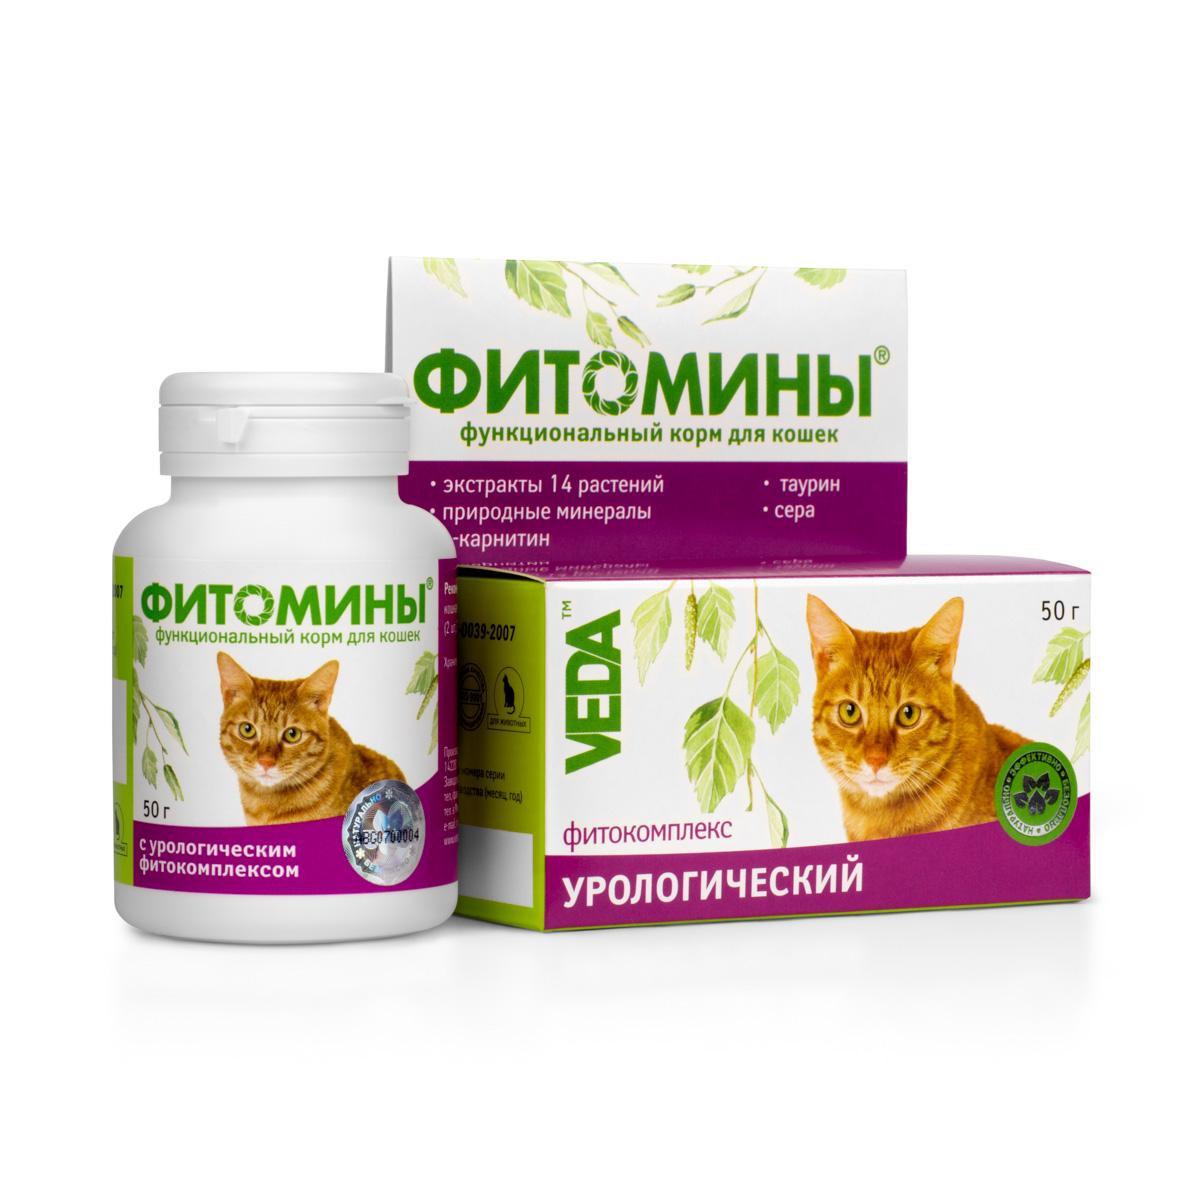 Корм для кошек VEDA Фитомины, функциональный, с урологическим фитокомплексом, 50 г4605543005893Корм функциональный для кошек VEDA Фитомины с урологическим фитокомплексом рекомендуется включать в рацион кошкам, склонным к нарушению кислотно-щелочного баланса мочи и образованию камней в мочевом тракте. Возможно применение для собак с подобными проблемами. Состав: лактоза; крахмал; дрожжи пивные; фитокомплекс: листьев березы, травы зверобоя, створок фасоли, корней лопуха, шишек хмеля, цветков ромашки, корневищ и корней марены, травы эхинацеи пурпурной, листьев крапивы, травы леспедецы головчатой, травы ортосифона тычиночного, корня барбариса, корневищ с корнями валерианы, травы котовника; природный минеральный комплекс; паровая рыбная мука; L-карнитин; таурин; сера; стеарат кальция. Товар сертифицирован.